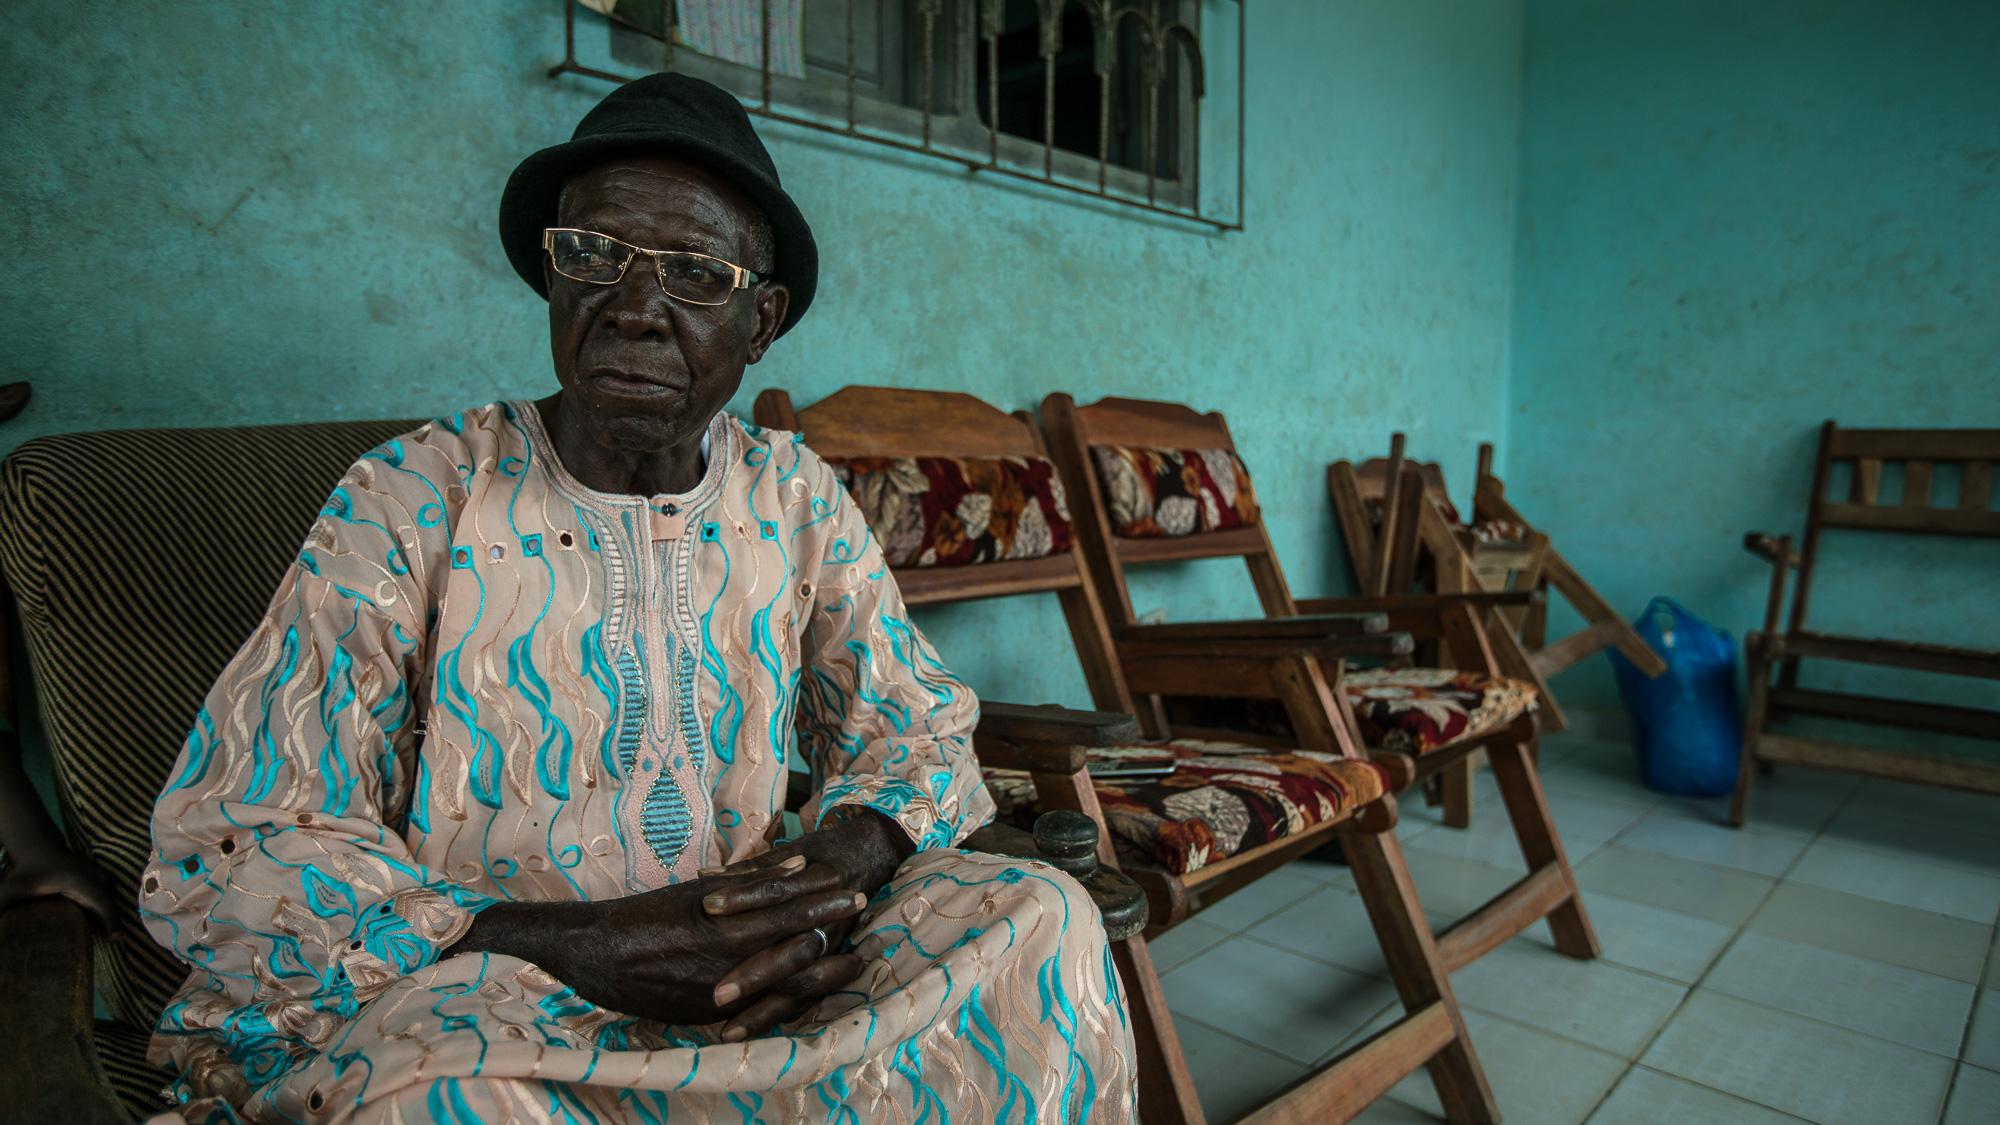 SAN PEDRO, COTE D'IVOIRE – September 7, 2016:  CARE France visite d'etude Visite de terrain d'un projet de visite à domicile des agents de santé pour sensibiliser les femmes à la santé maternelle, infantile et reproductive – CARE et APROSAM. Ce projet a pour but d'améliorer l'offre de soins à l'attention des groupes vulnérables, notamment dans le bidonville de Bardot où les centres de santé à base communautaire sont peu à peu désertés en raison du manque d'équipement et d'entretien.Photo by Morgana Wingard